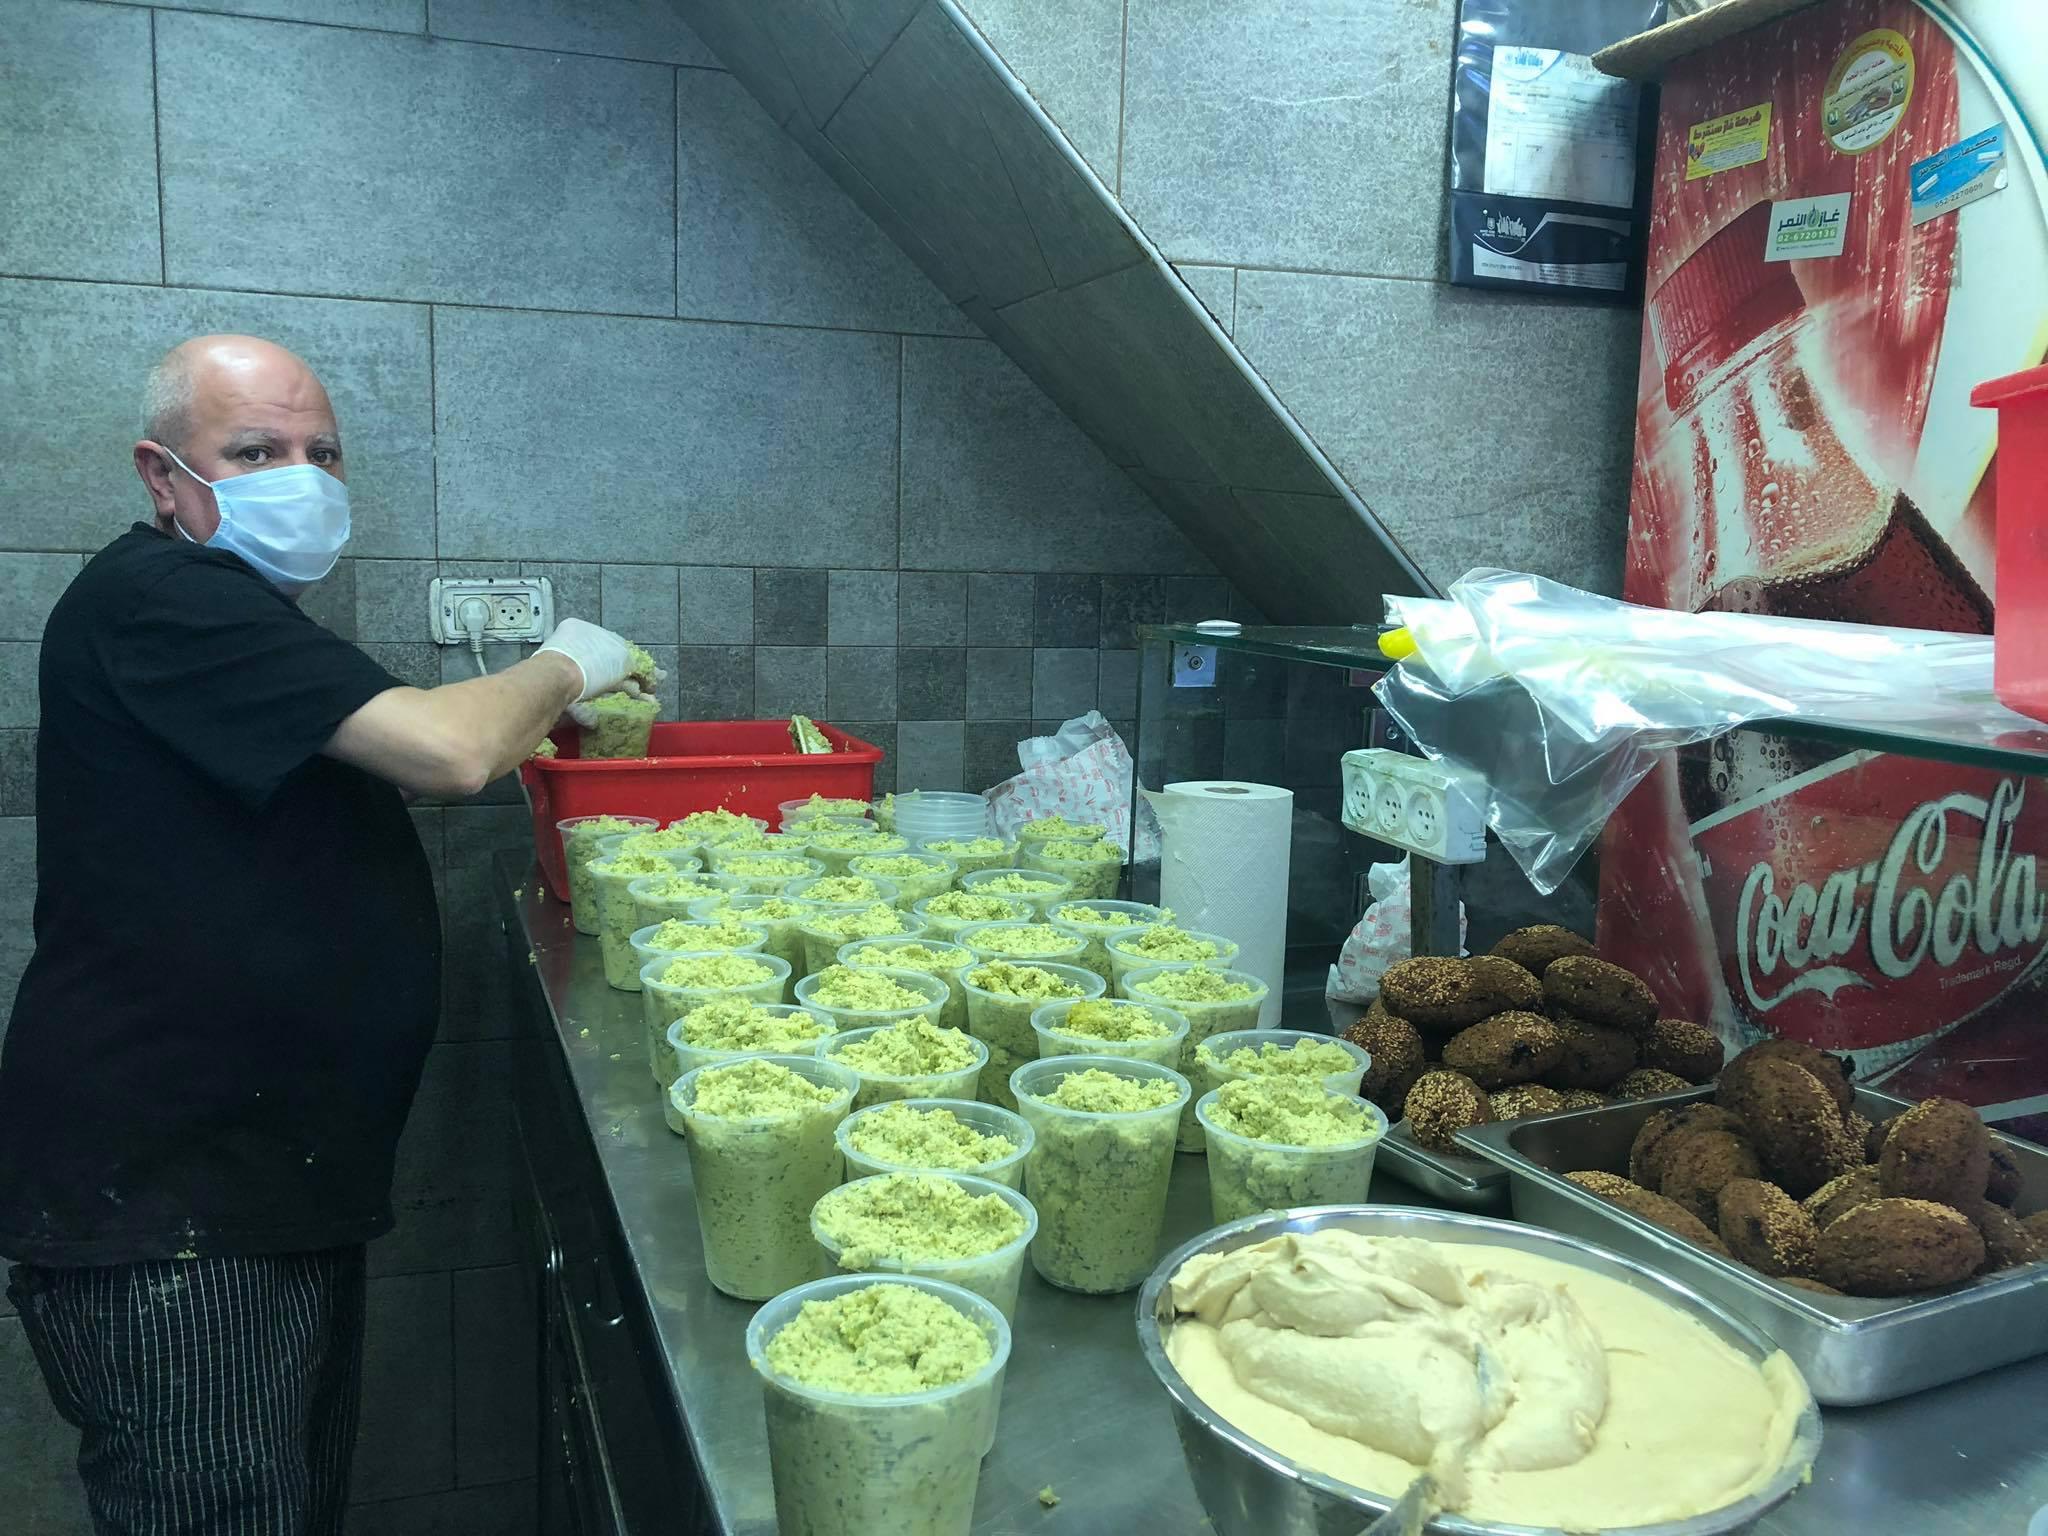 حمادة: قطاع المطاعم والحلويات بدأ بالتعافي بعد استئناف العمل